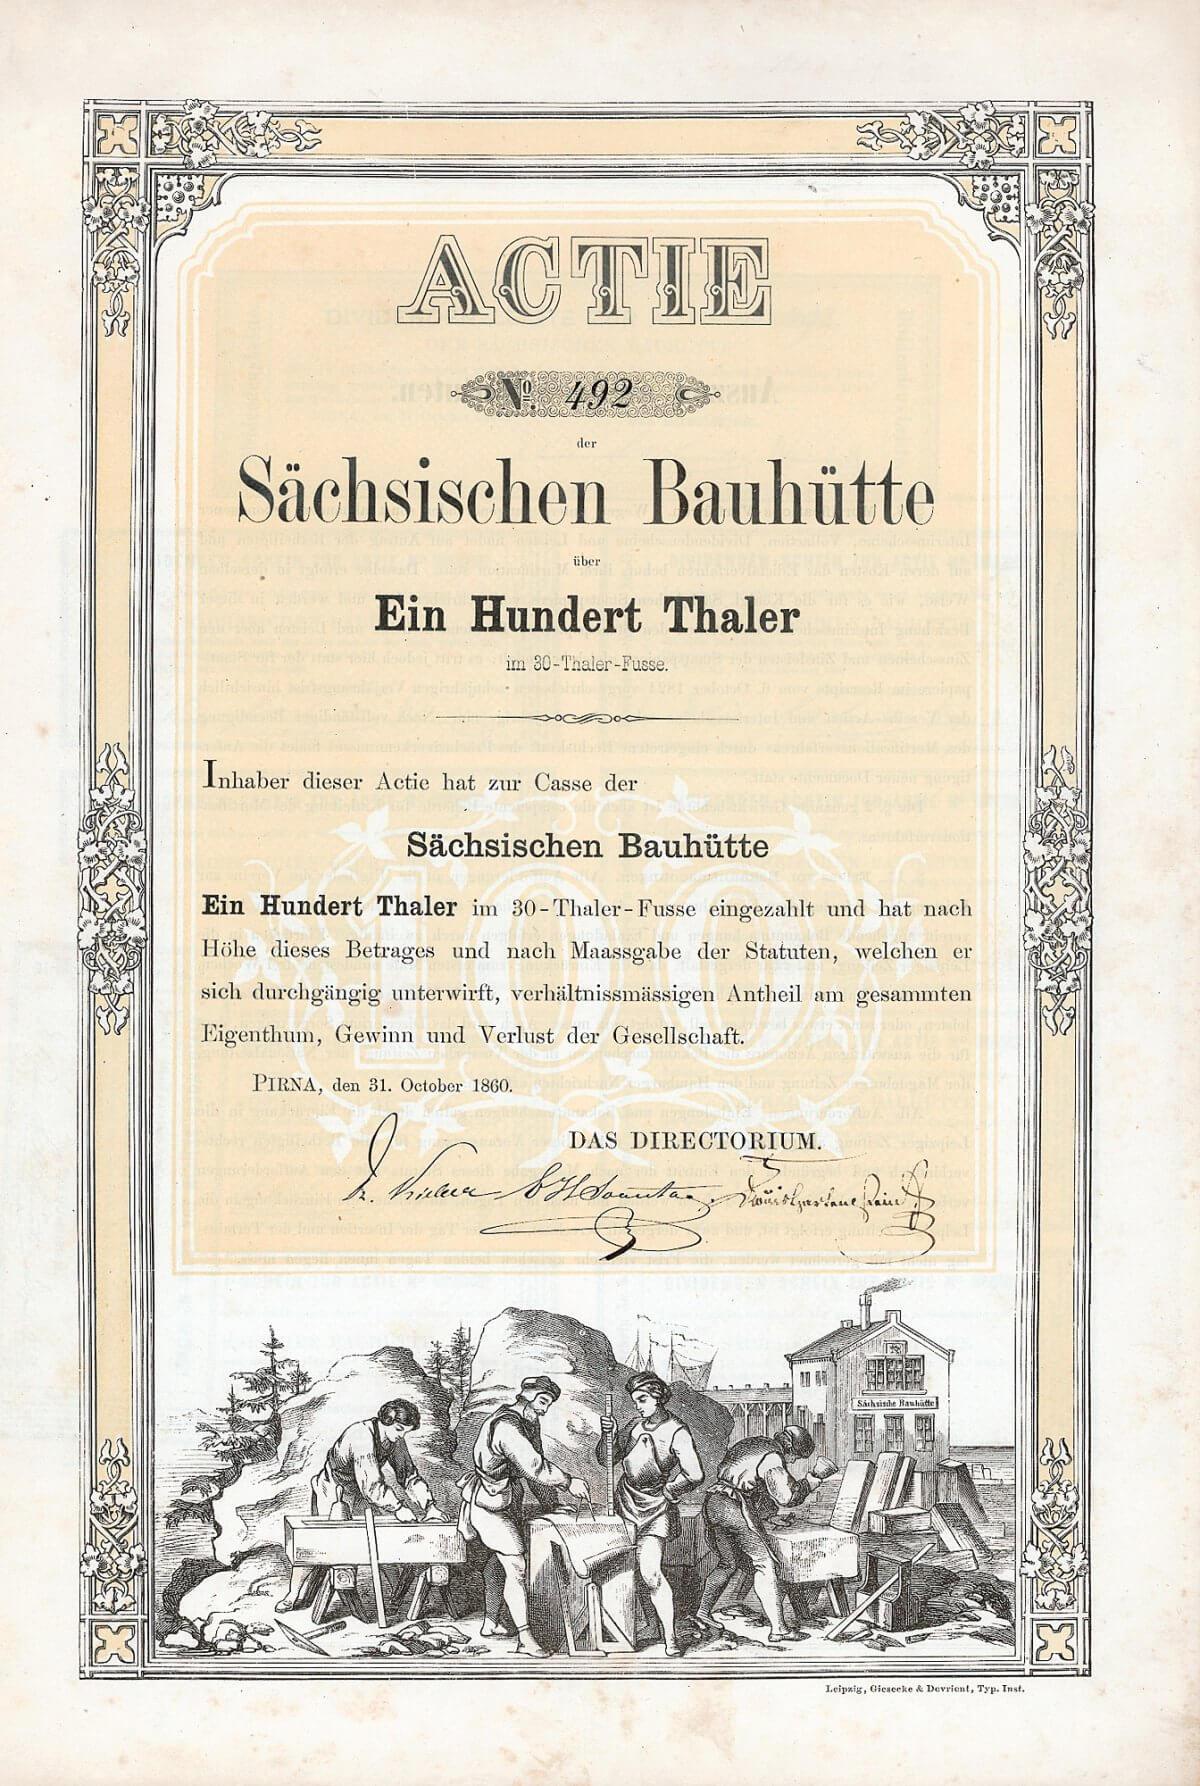 Sächsische Bauhütte, Pirna, Gründeraktie über 100 Taler von 1860. Zur Zeit der Ausgabe dieser Aktie, in der 2. Hälfte des 19. Jh., produzierten in der Region ca. 500 Steinbrüche, von denen in den 50er Jahren des 20. Jh. noch ca. 20 existierten und überwiegend im VEB Elbenaturstein aufgingen. Als der VEB am 1.7.1990 in eine GmbH umgewandelt wurde, löste sich von dieser Gesellschaft die Sächsische Sandsteinwerke GmbH in Pirna ab, die noch heute in der Tradition auch der Sächsischen Bauhütte produziert.